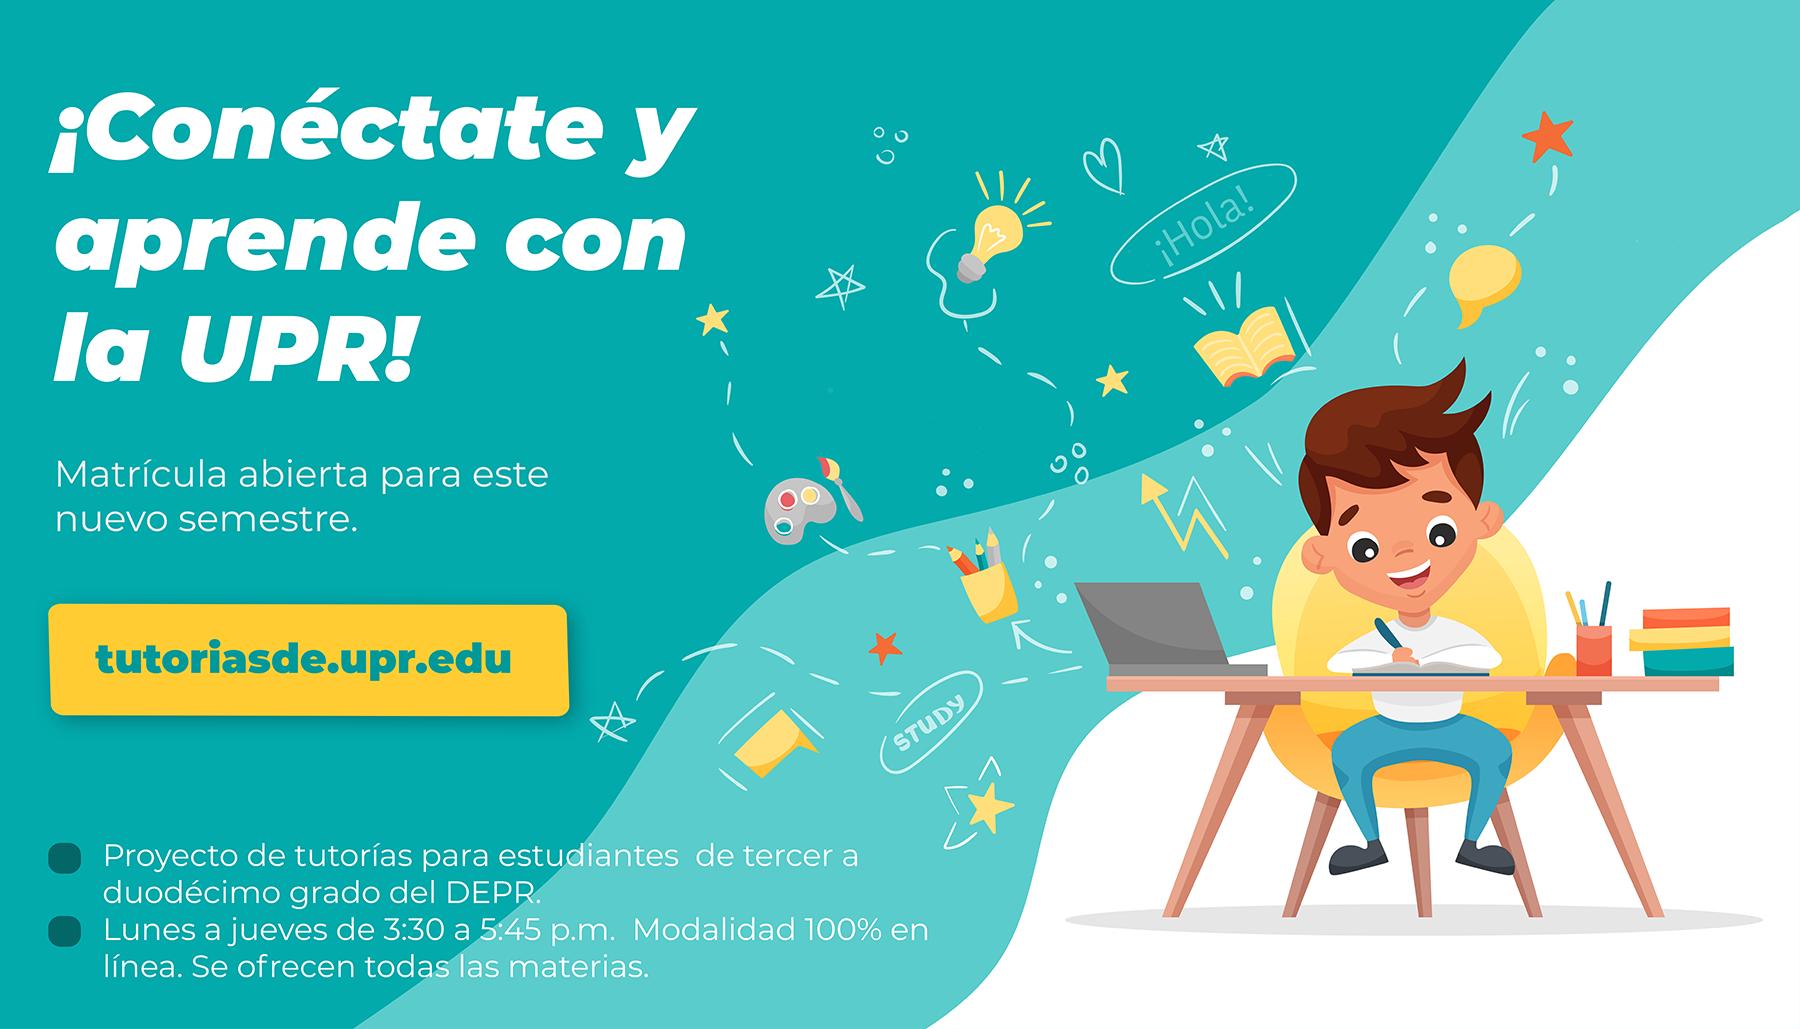 Conéctate y aprende con la UPR. Completa tu matrícula en tutoriasde.upr.edu.